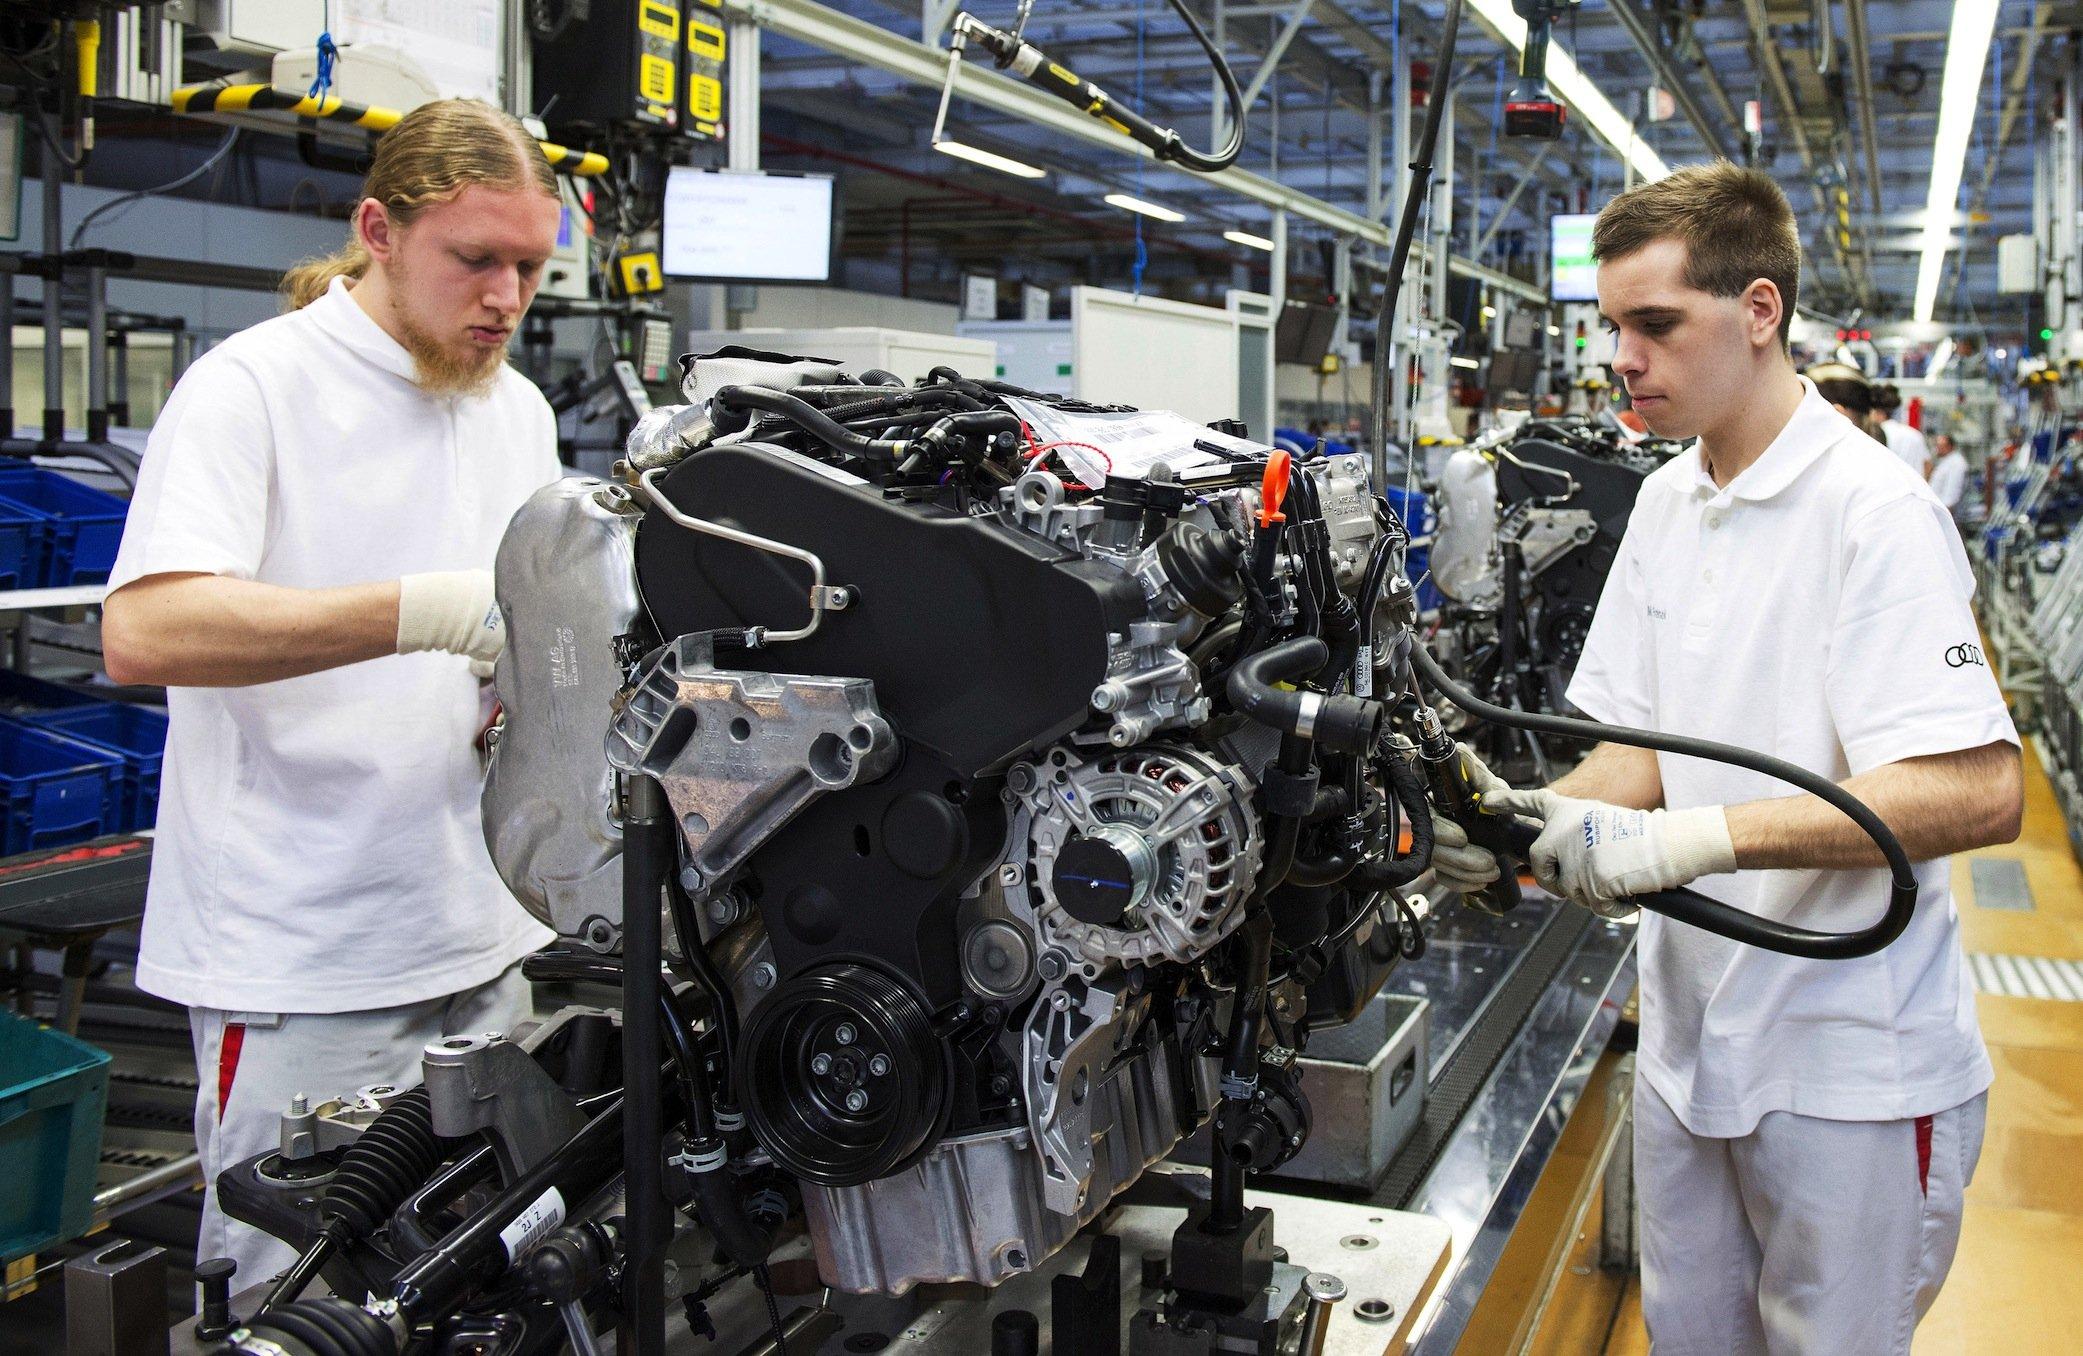 Motorenfertigung bei Audi in Ingolstadt: Die US-Behörden haben aufgedeckt, dass nicht nur VW-Motoren, sondern auch Aggregate von Audi über Manipulationssoftware verfügen.